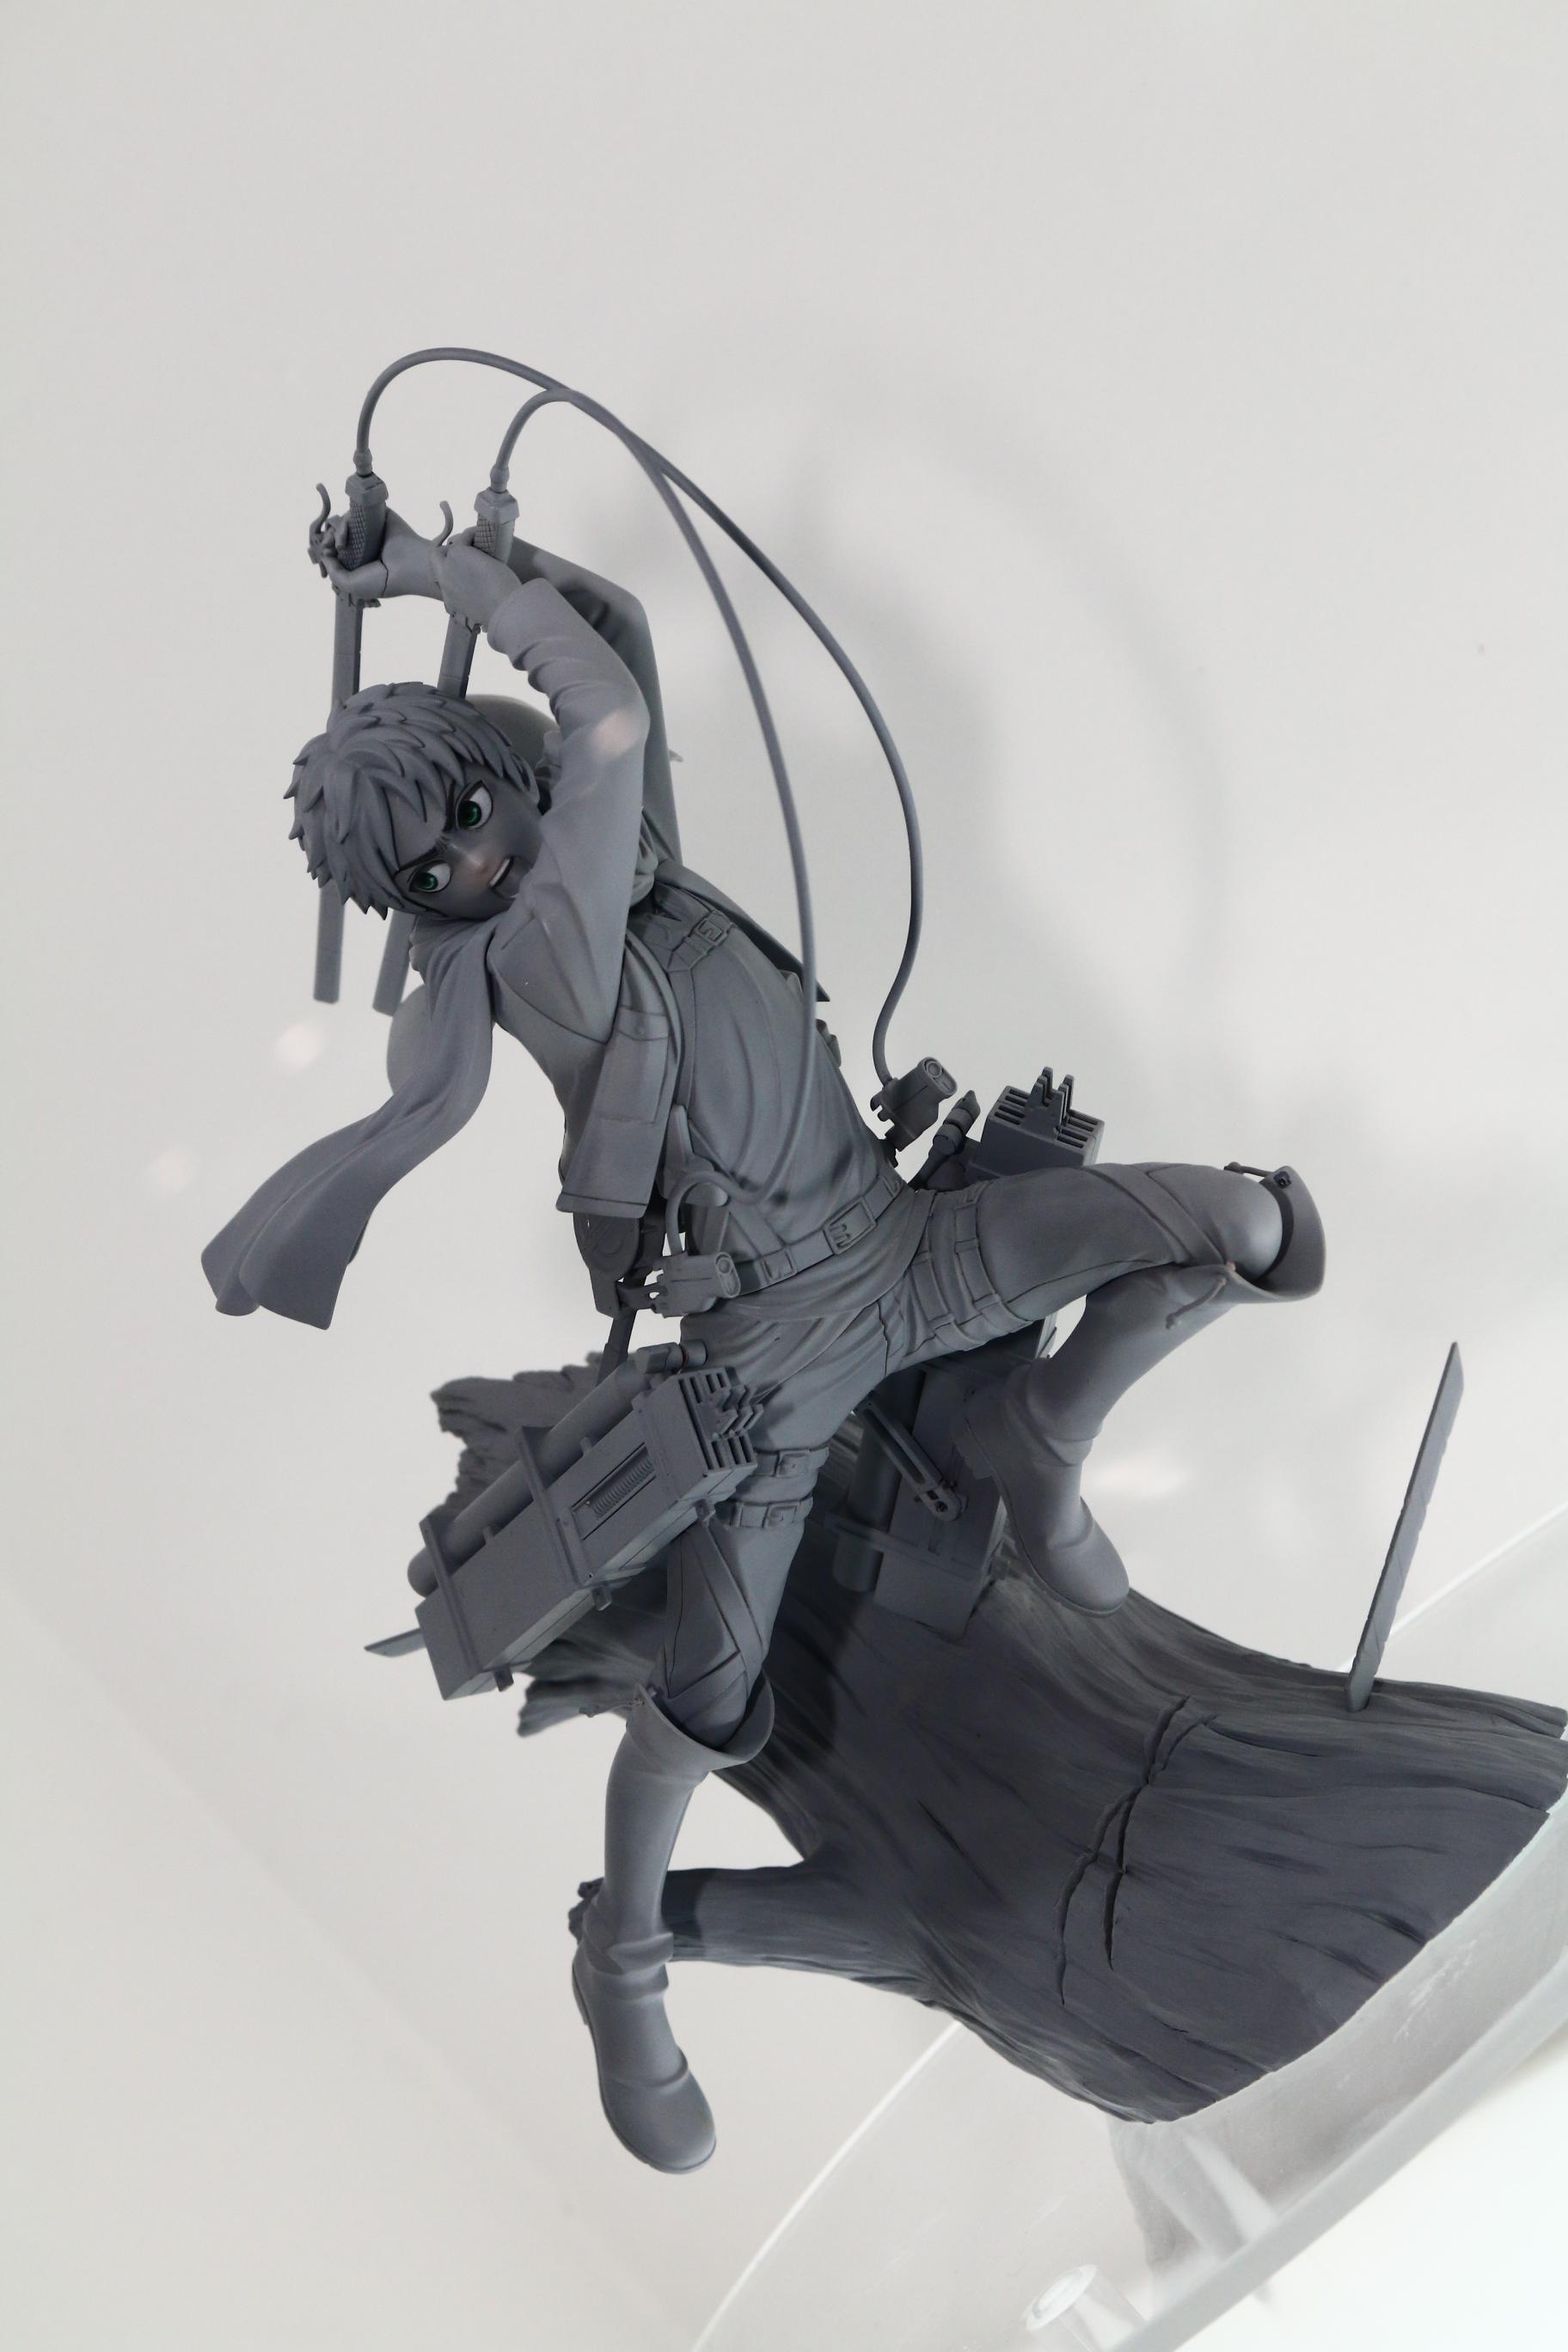 ARTFX J エレン・イェーガー 進撃の巨人 フィギュア新作 コトブキヤ(壽屋) ワンフェス2014冬 画像レポート